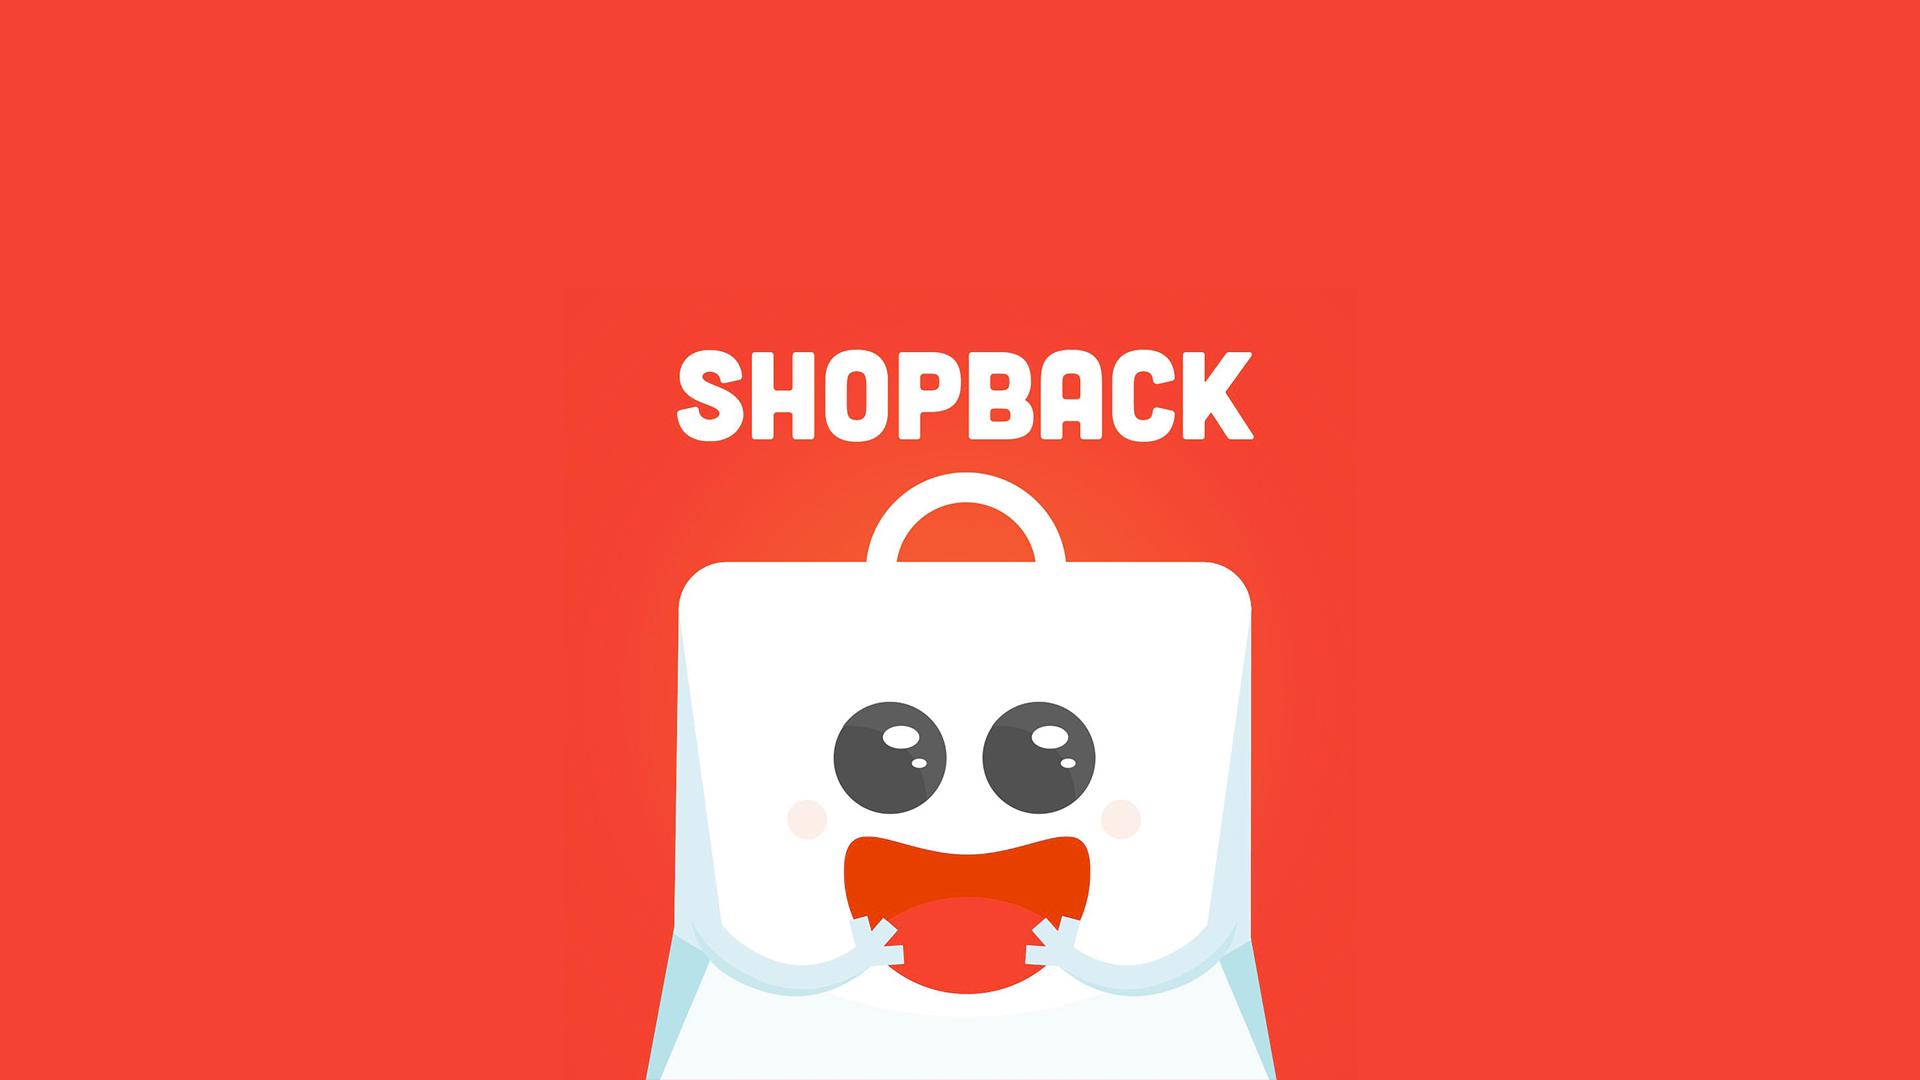 新加坡電商返現平臺 ShopBack 完成 7500 萬美元融資,淡馬錫領投